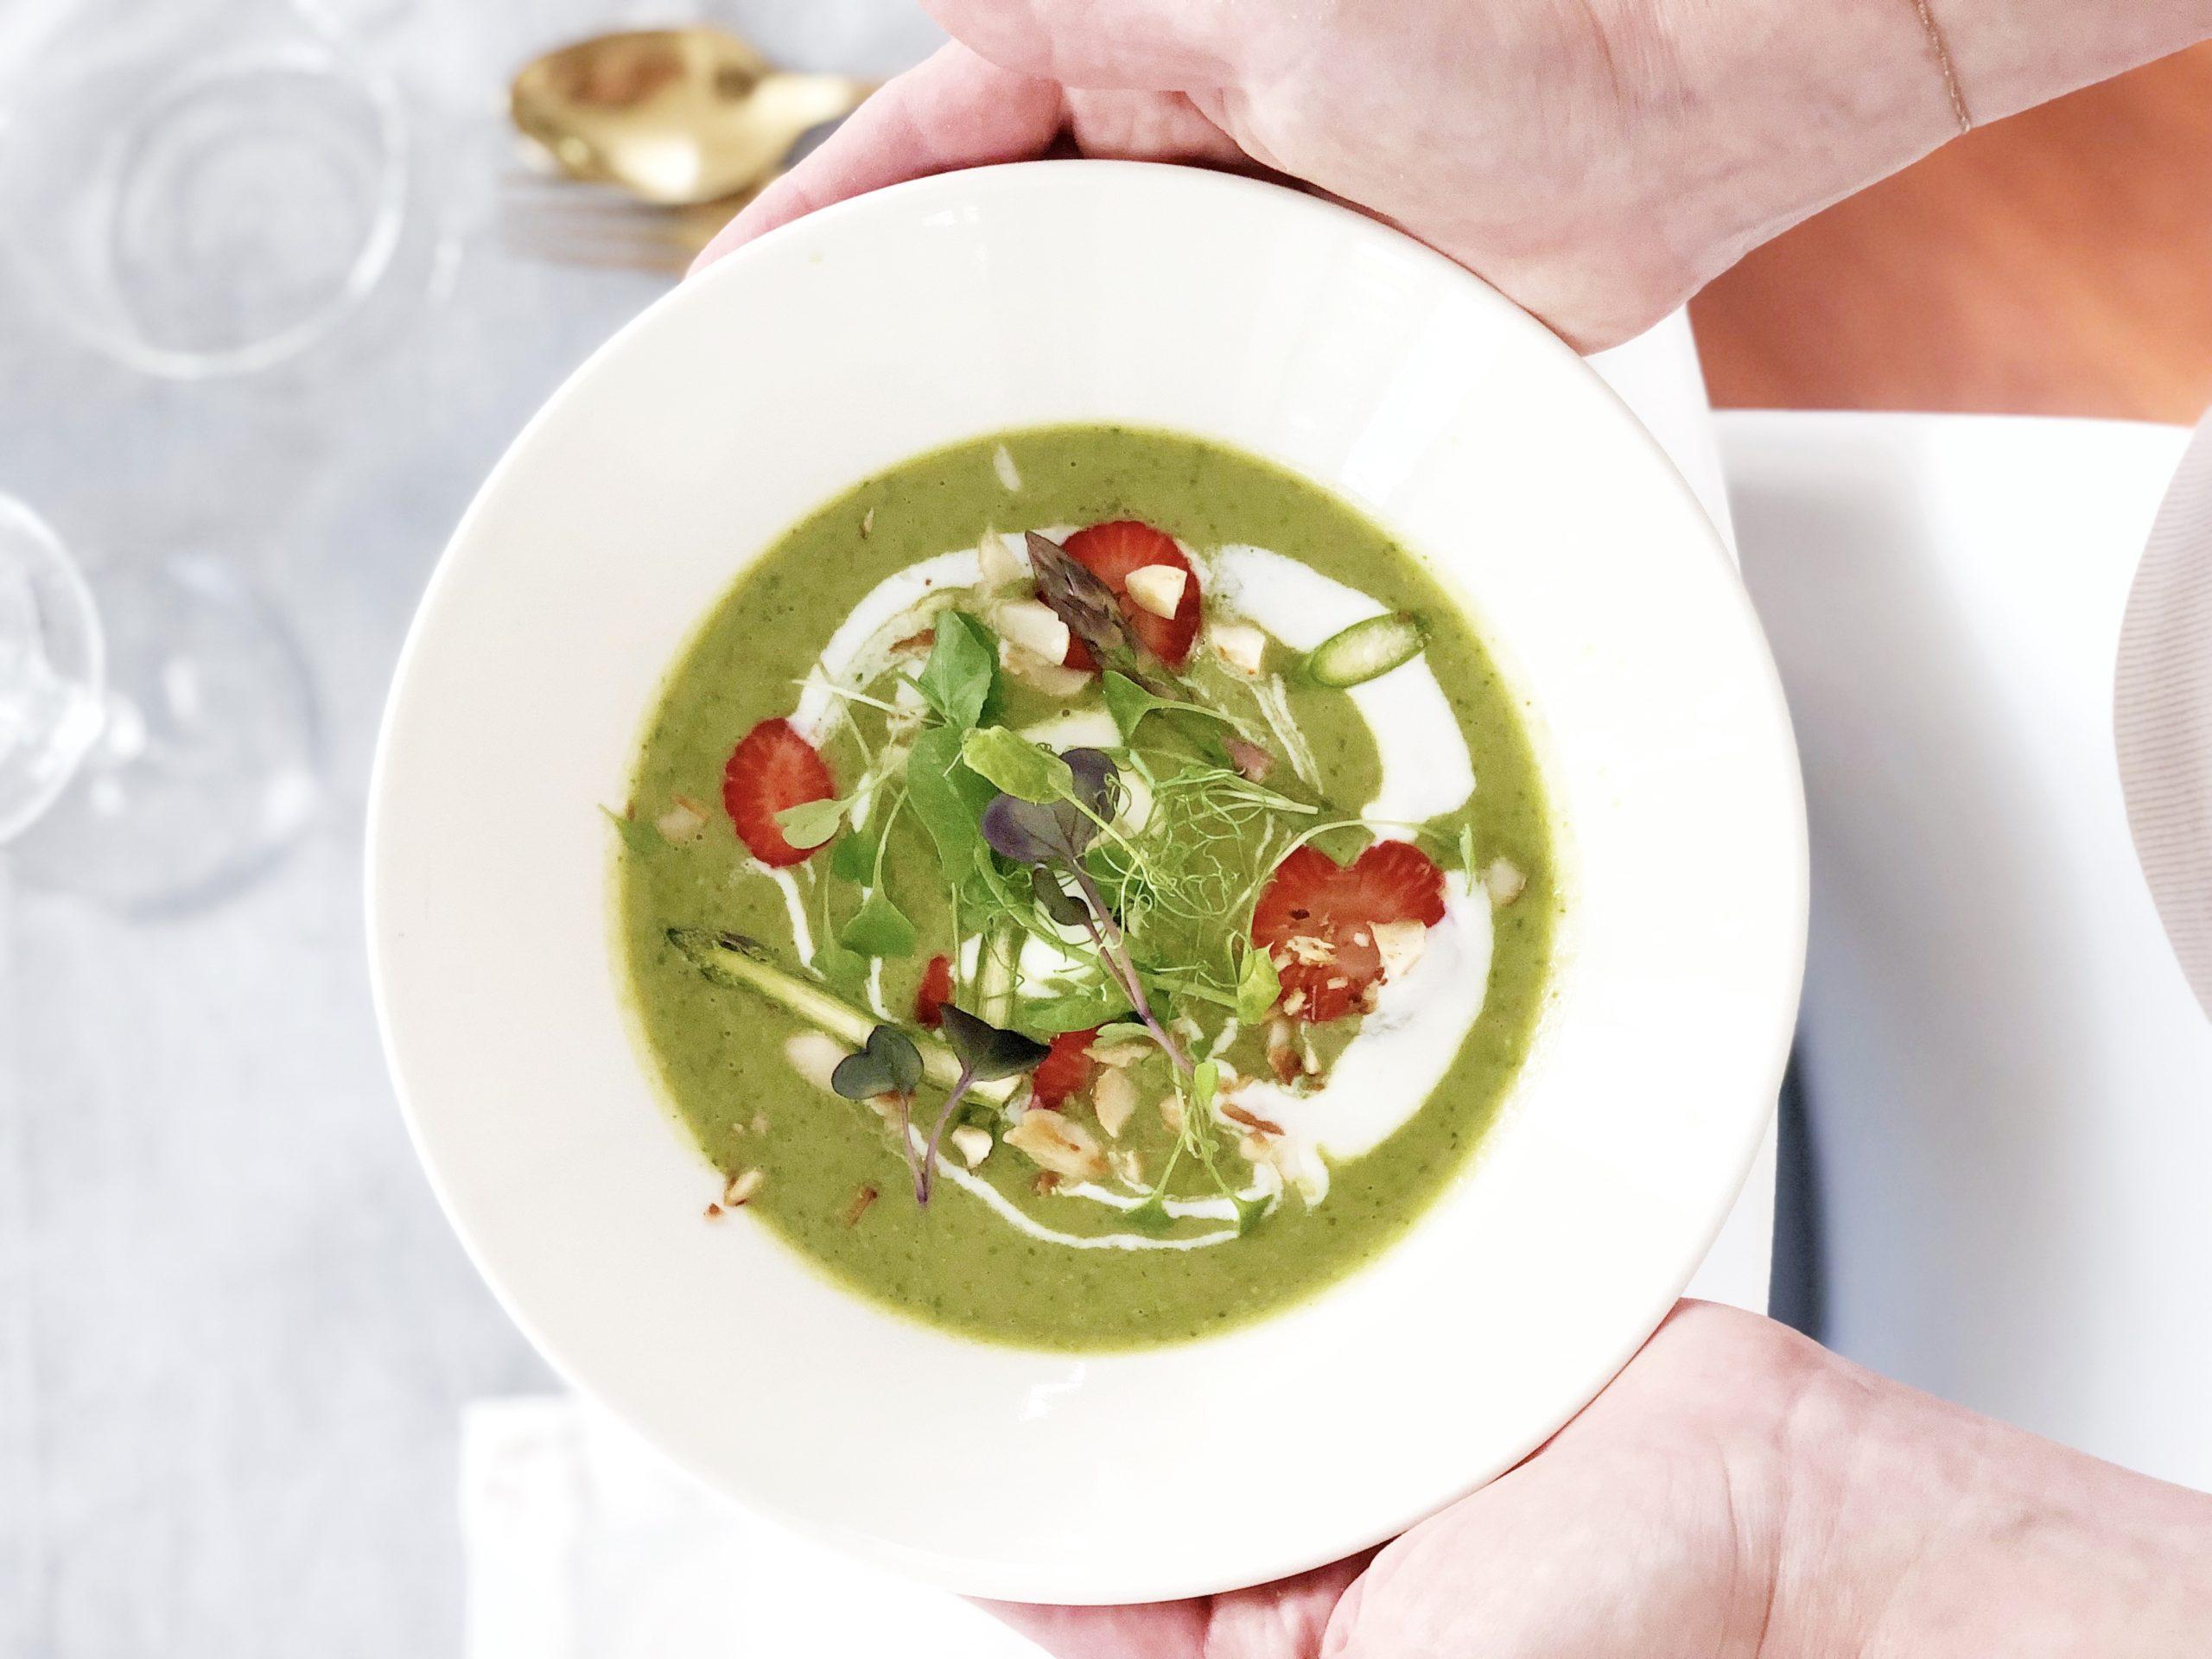 crema di asparagi e piselli al curry verde